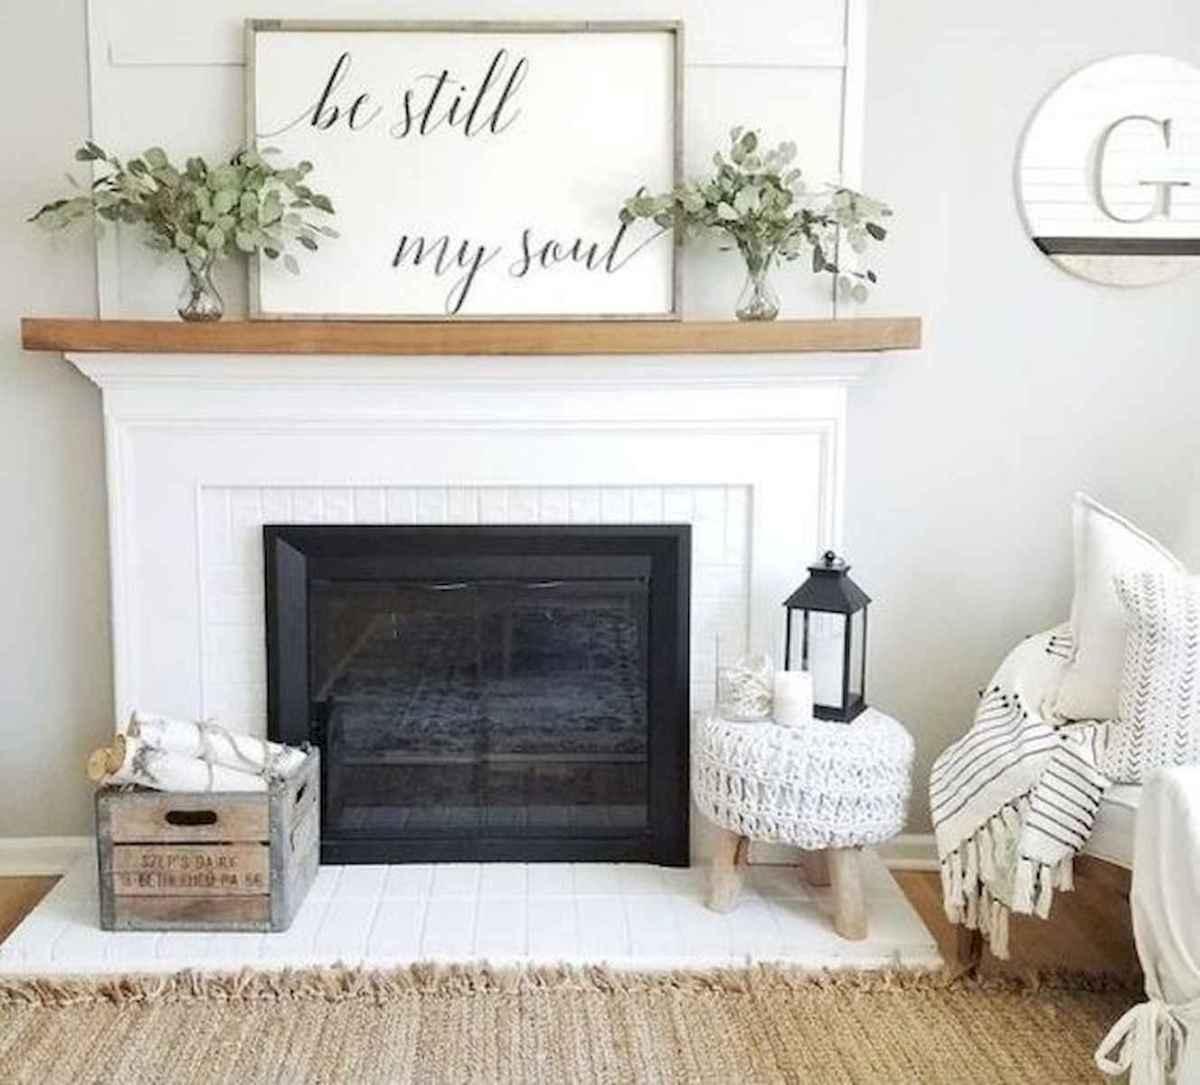 50 Modern Farmhouse Dining Room Decor Ideas 35: 40 Best Modern Farmhouse Fireplace Mantel Decor Ideas (26